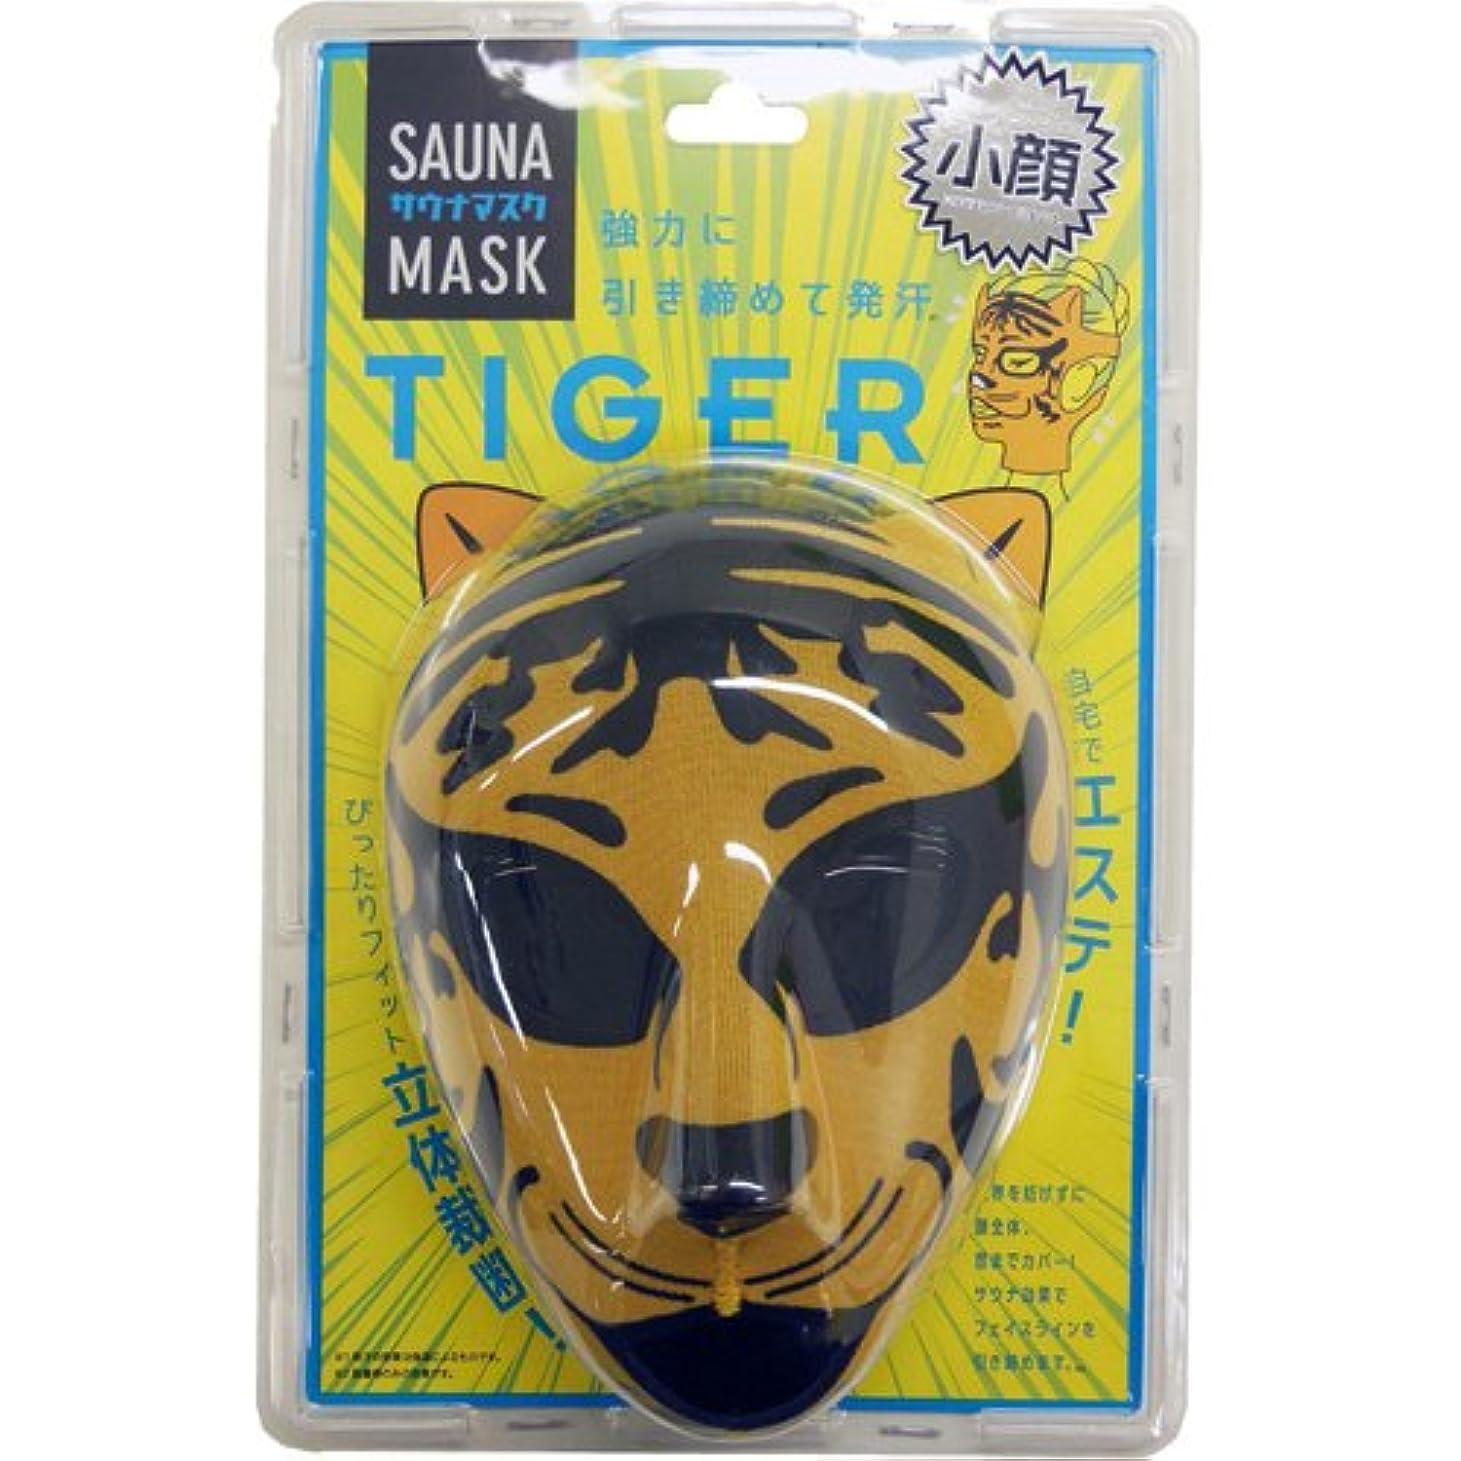 放棄困惑したマートコジット サウナマスク TIGER (1個)